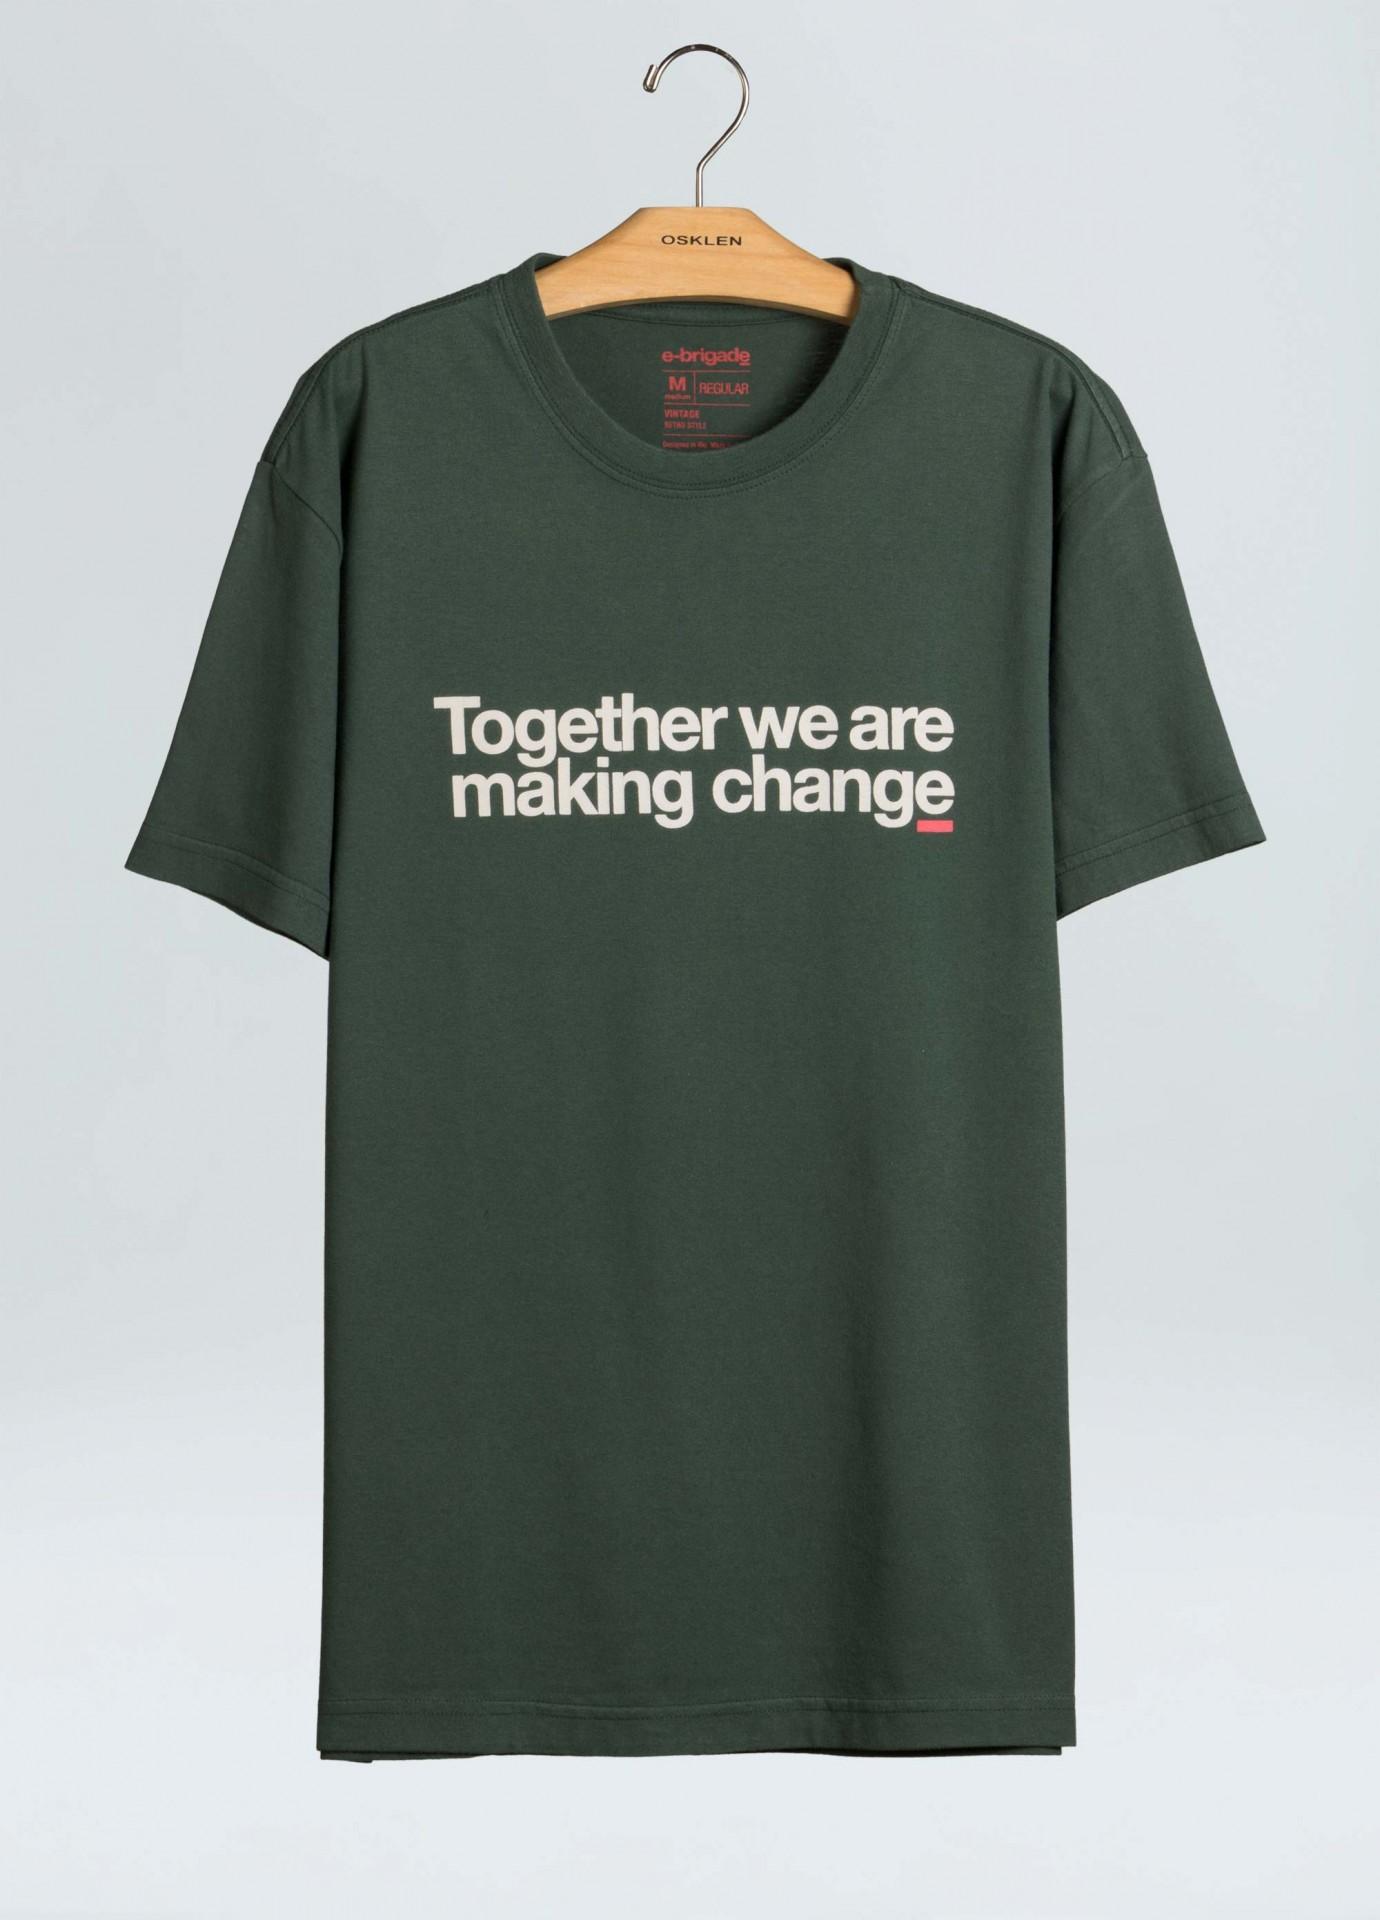 T-Shirt Osklen Regular Together